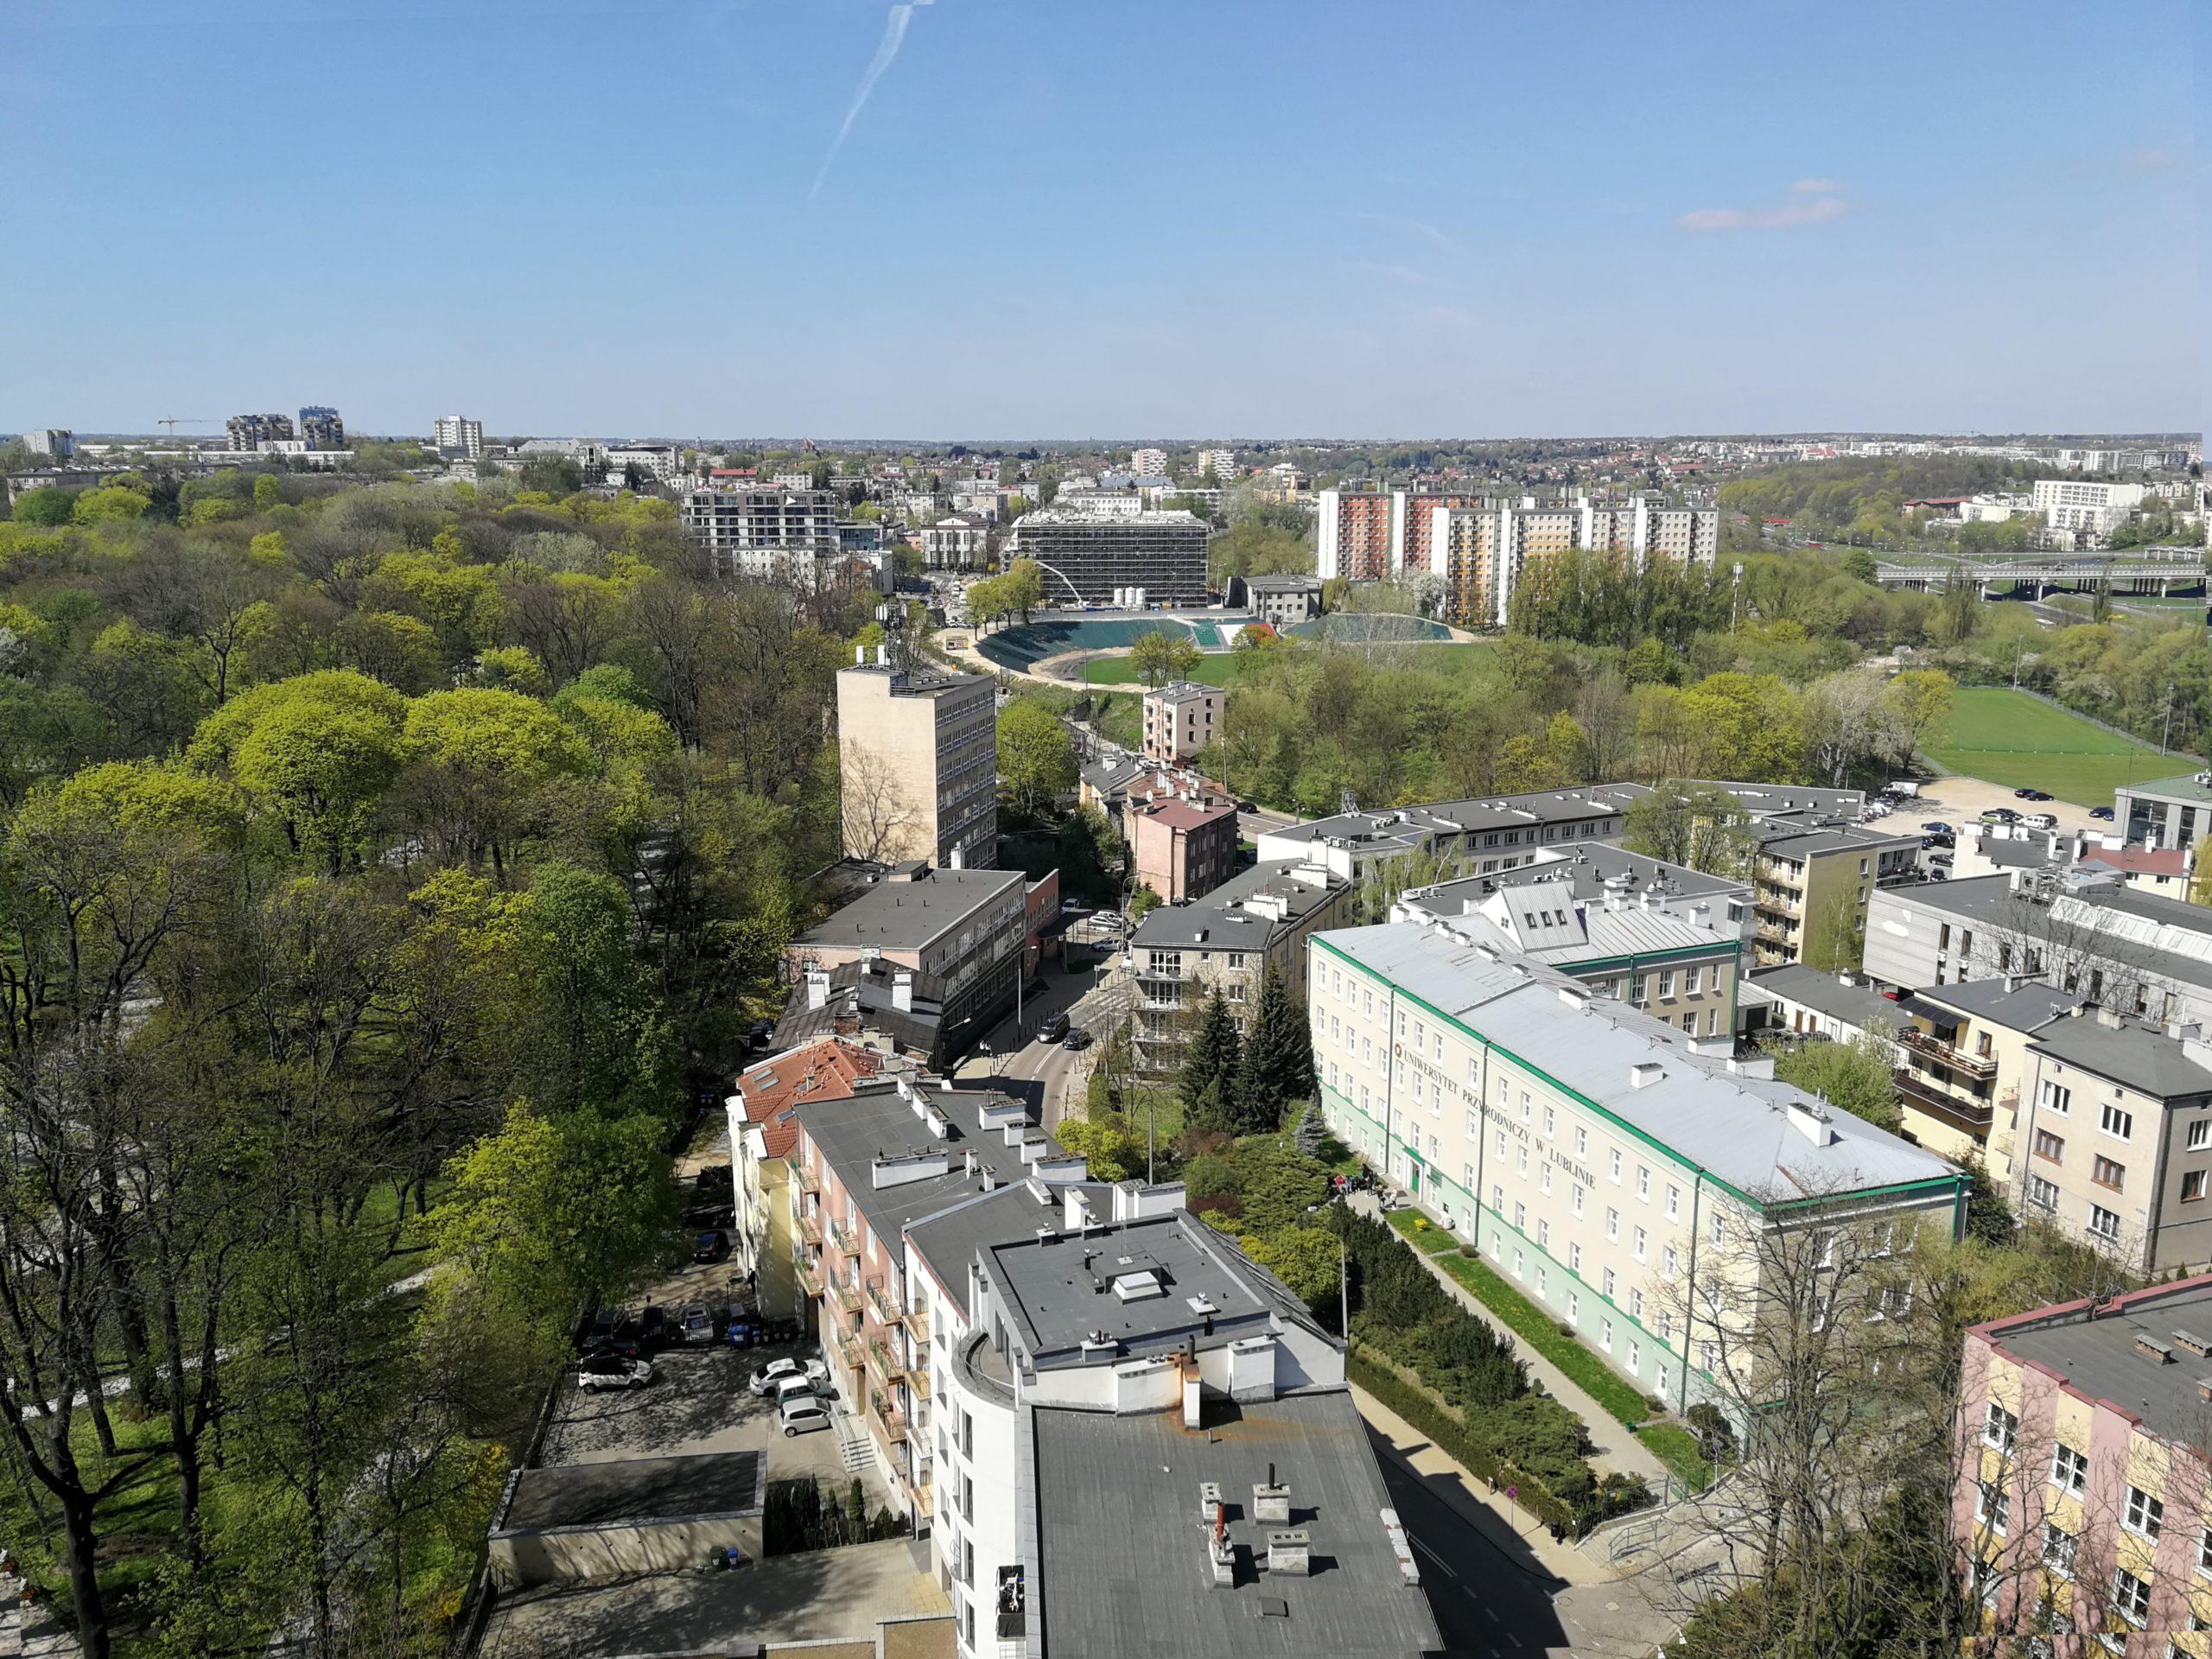 Blick von oben auf den Energy Improvement District Lublin, Polen (© Wojciech Kutnik, AREA 21)